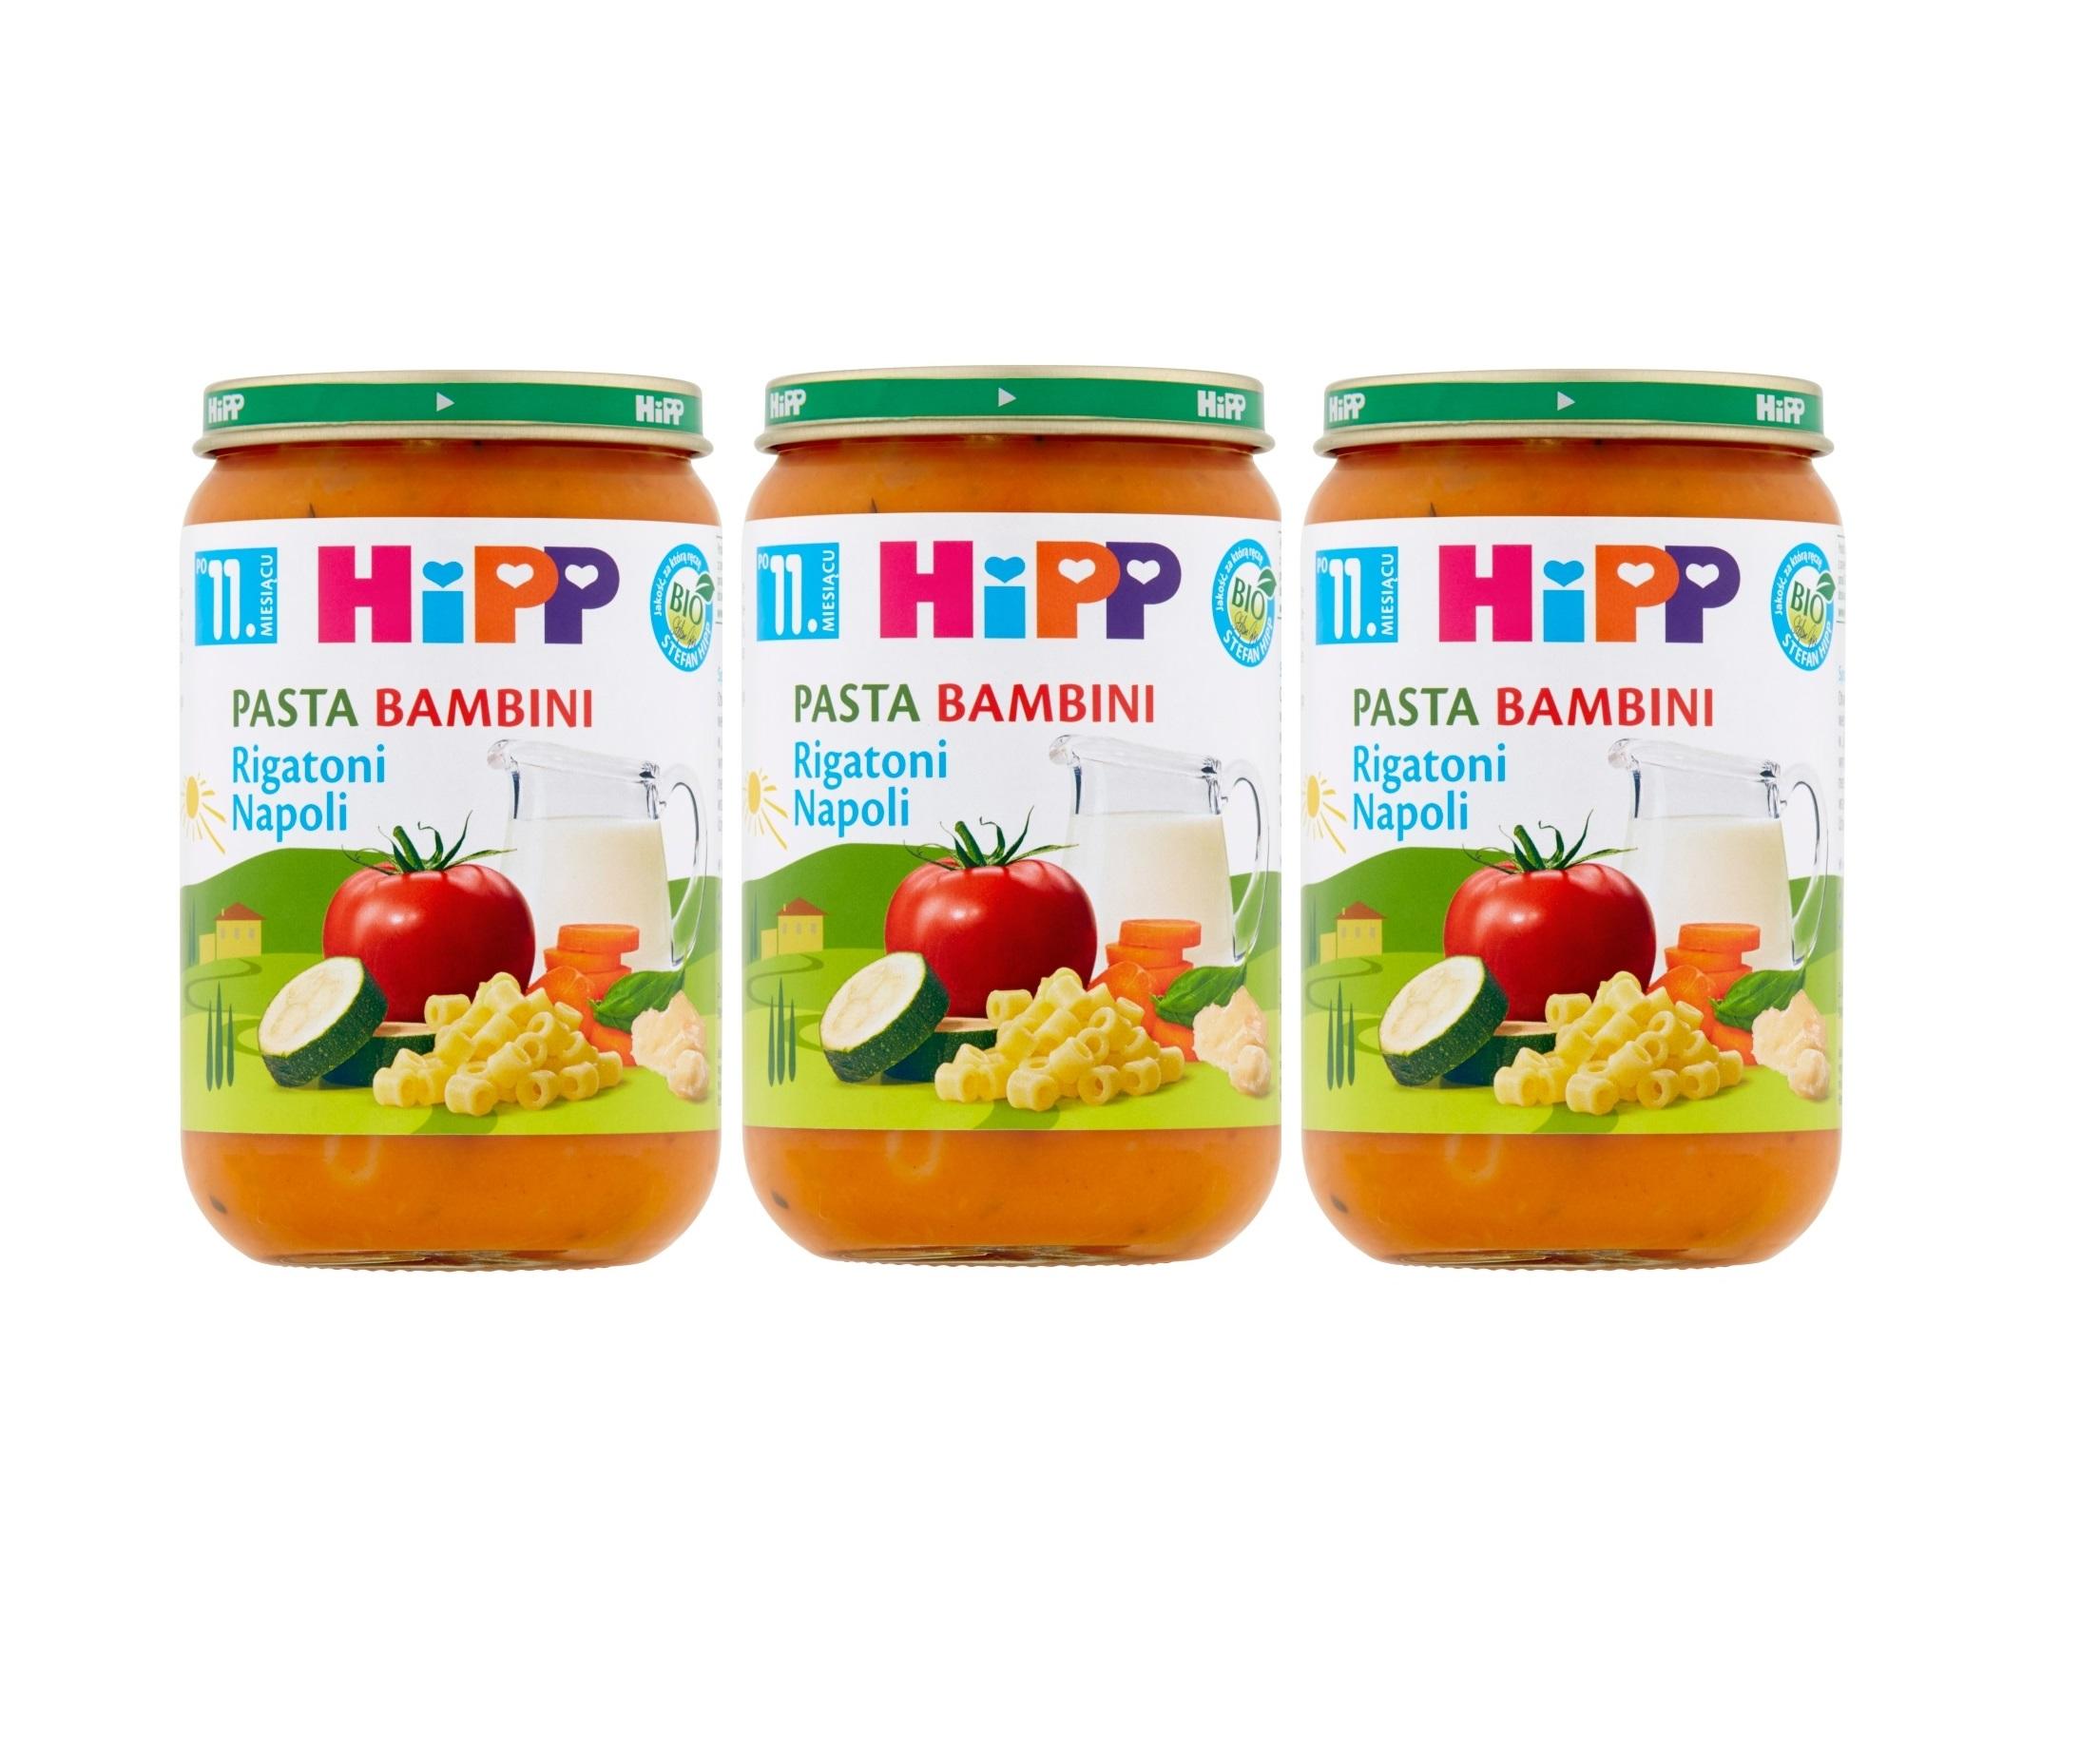 3 pak hipp pasta bambini rigatoni napoli 3×220